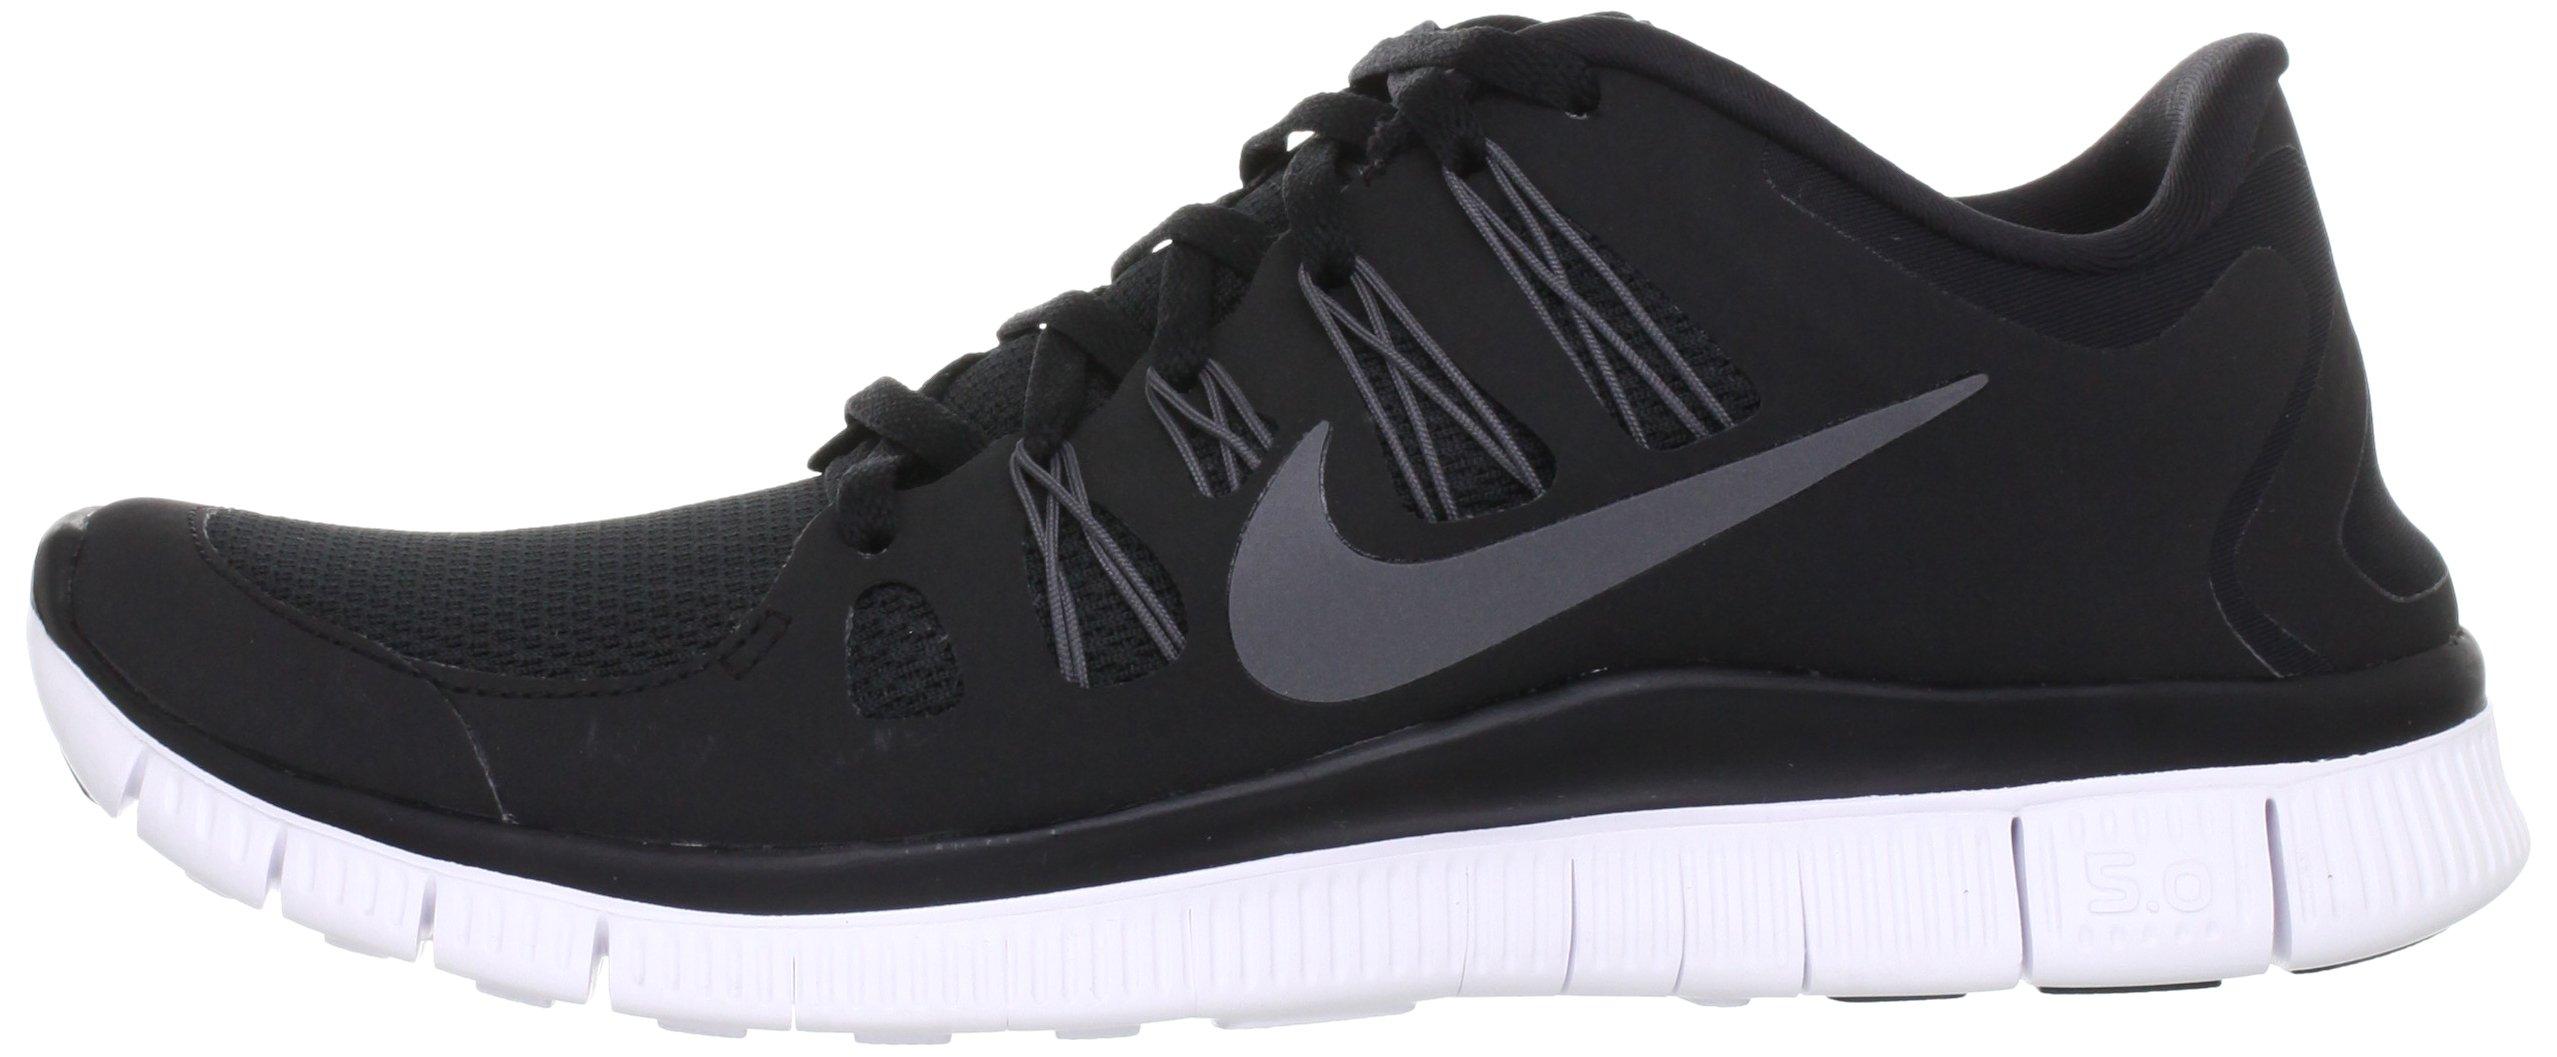 71eU6JeBIfL - Nike Men's Free 5.0+ Running Shoes